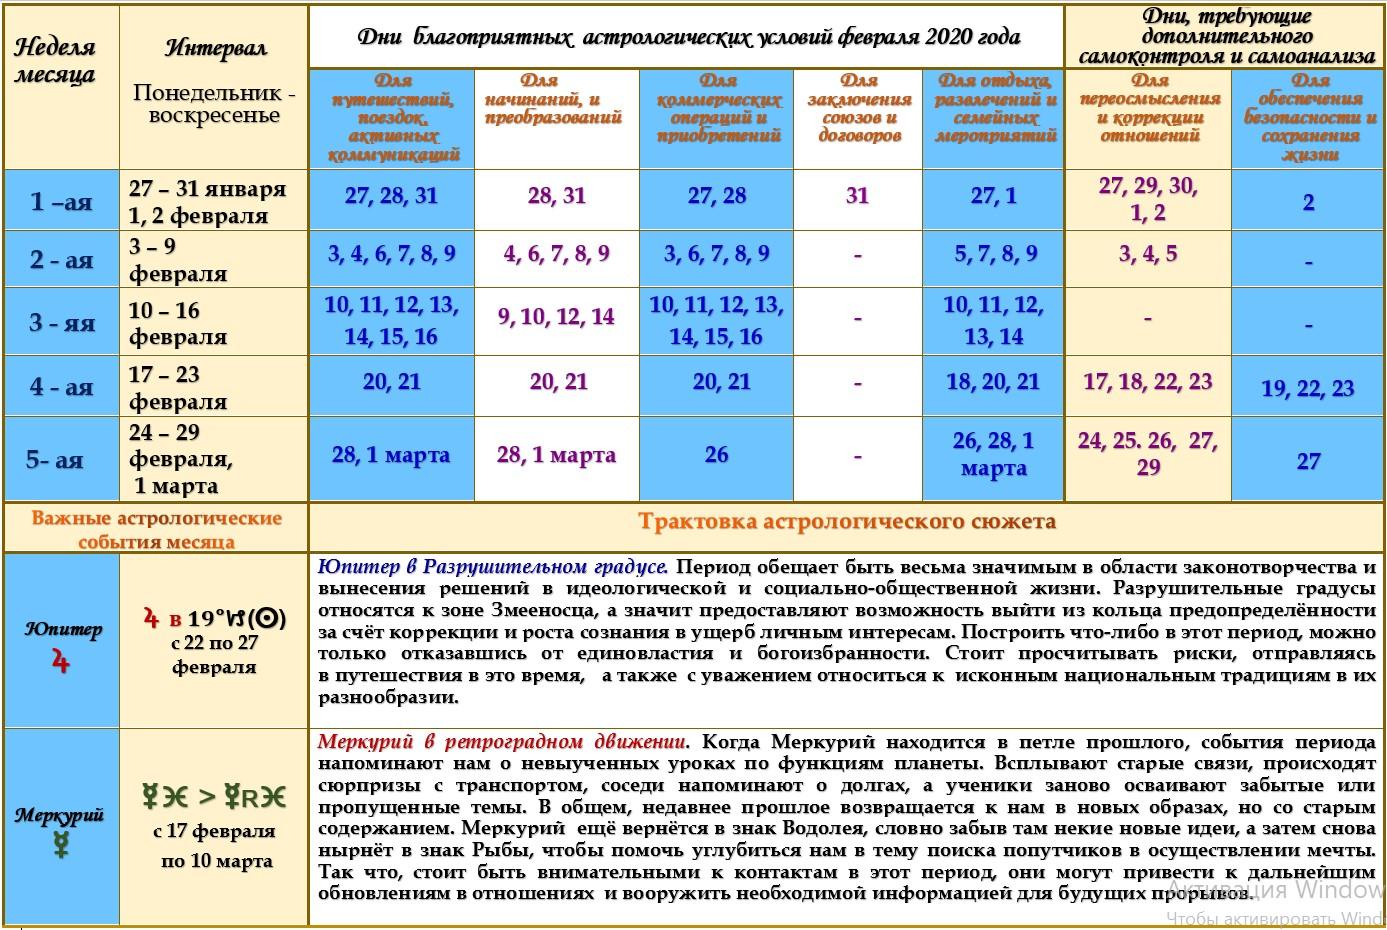 Астрологический прогноз на февраль 2020 года